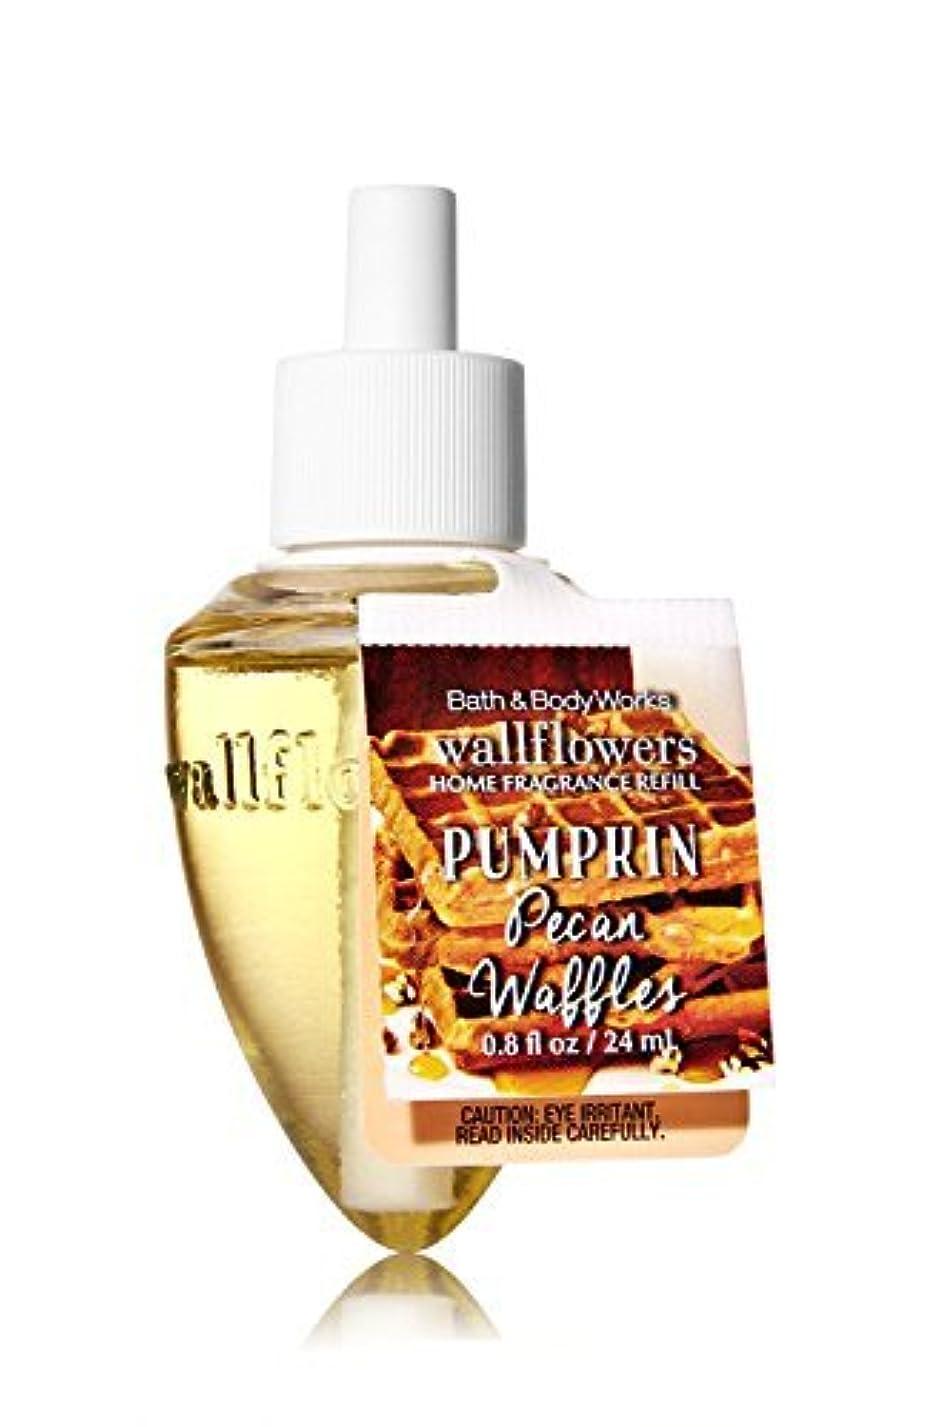 放射能そうでなければクリケット【Bath&Body Works/バス&ボディワークス】 ルームフレグランス 詰替えリフィル パンプキンピーカンワッフル Wallflowers Home Fragrance Refill Pumpkin Pecan Waffles [並行輸入品]